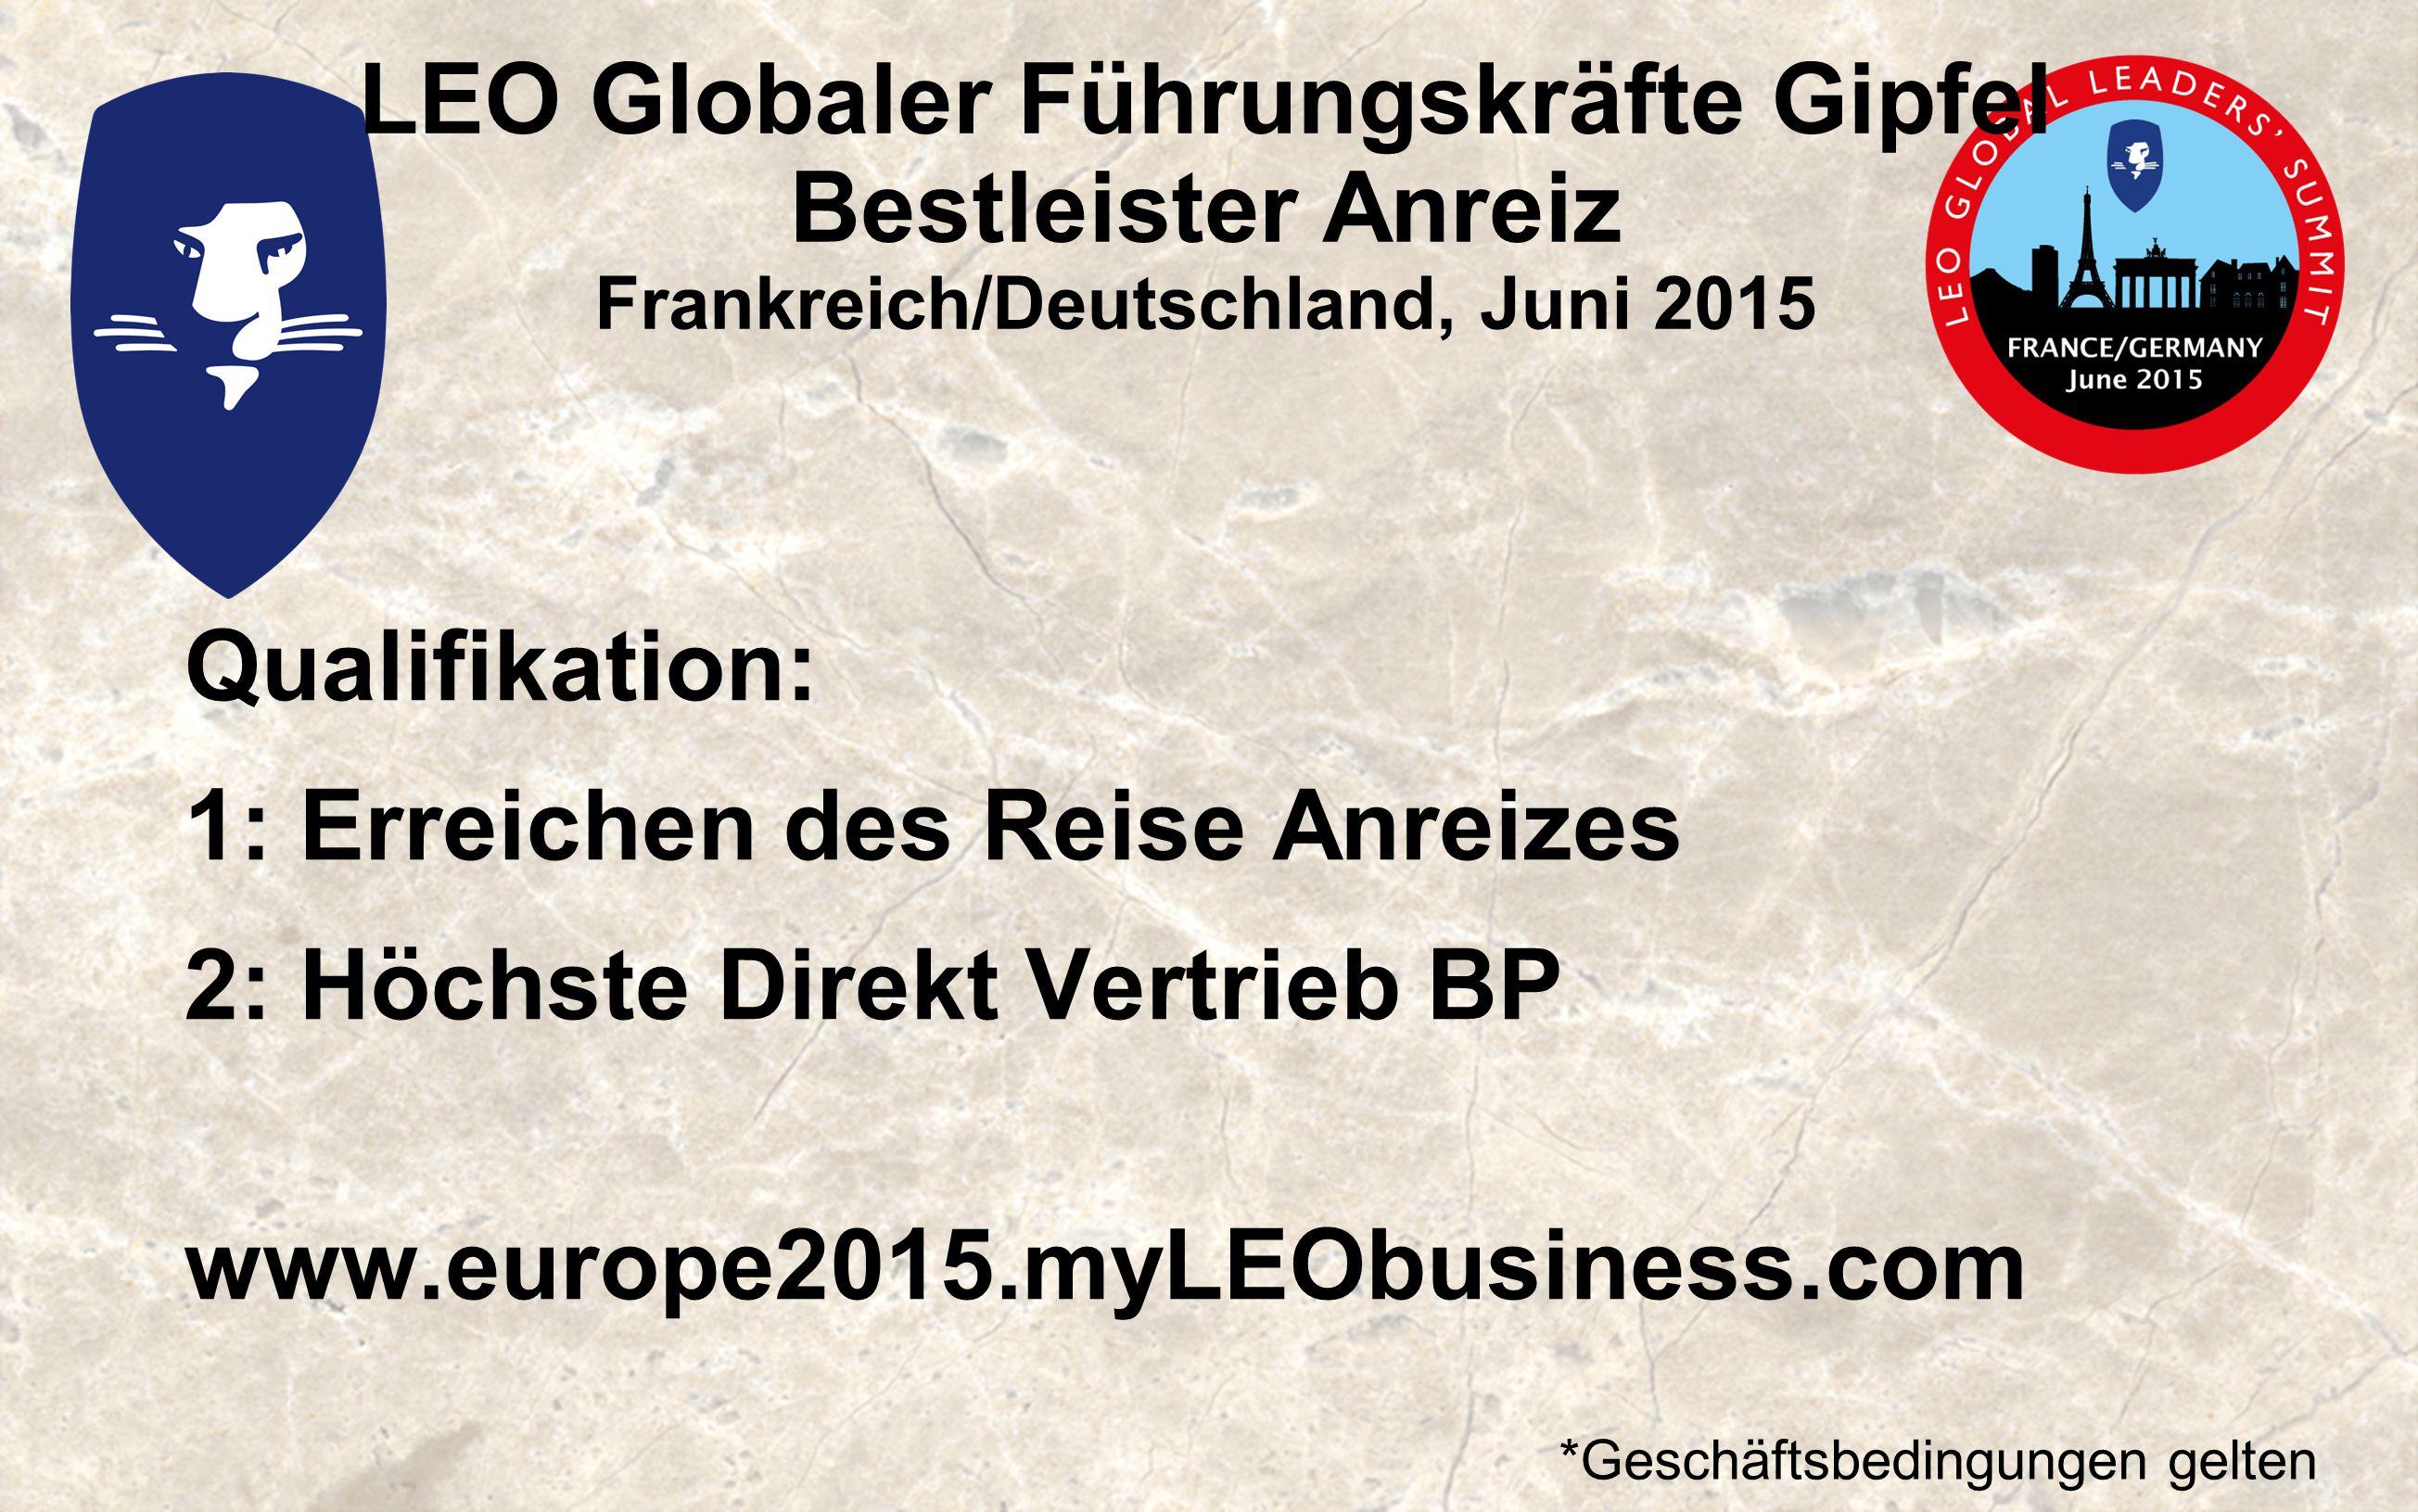 LEO Globaler Führungskräfte Gipfel Bestleister Anreiz Frankreich/Deutschland, Juni 2015 Qualifikation: 1: Erreichen des Reise Anreizes 2: Höchste Direkt Vertrieb BP www.europe2015.myLEObusiness.com *Geschäftsbedingungen gelten